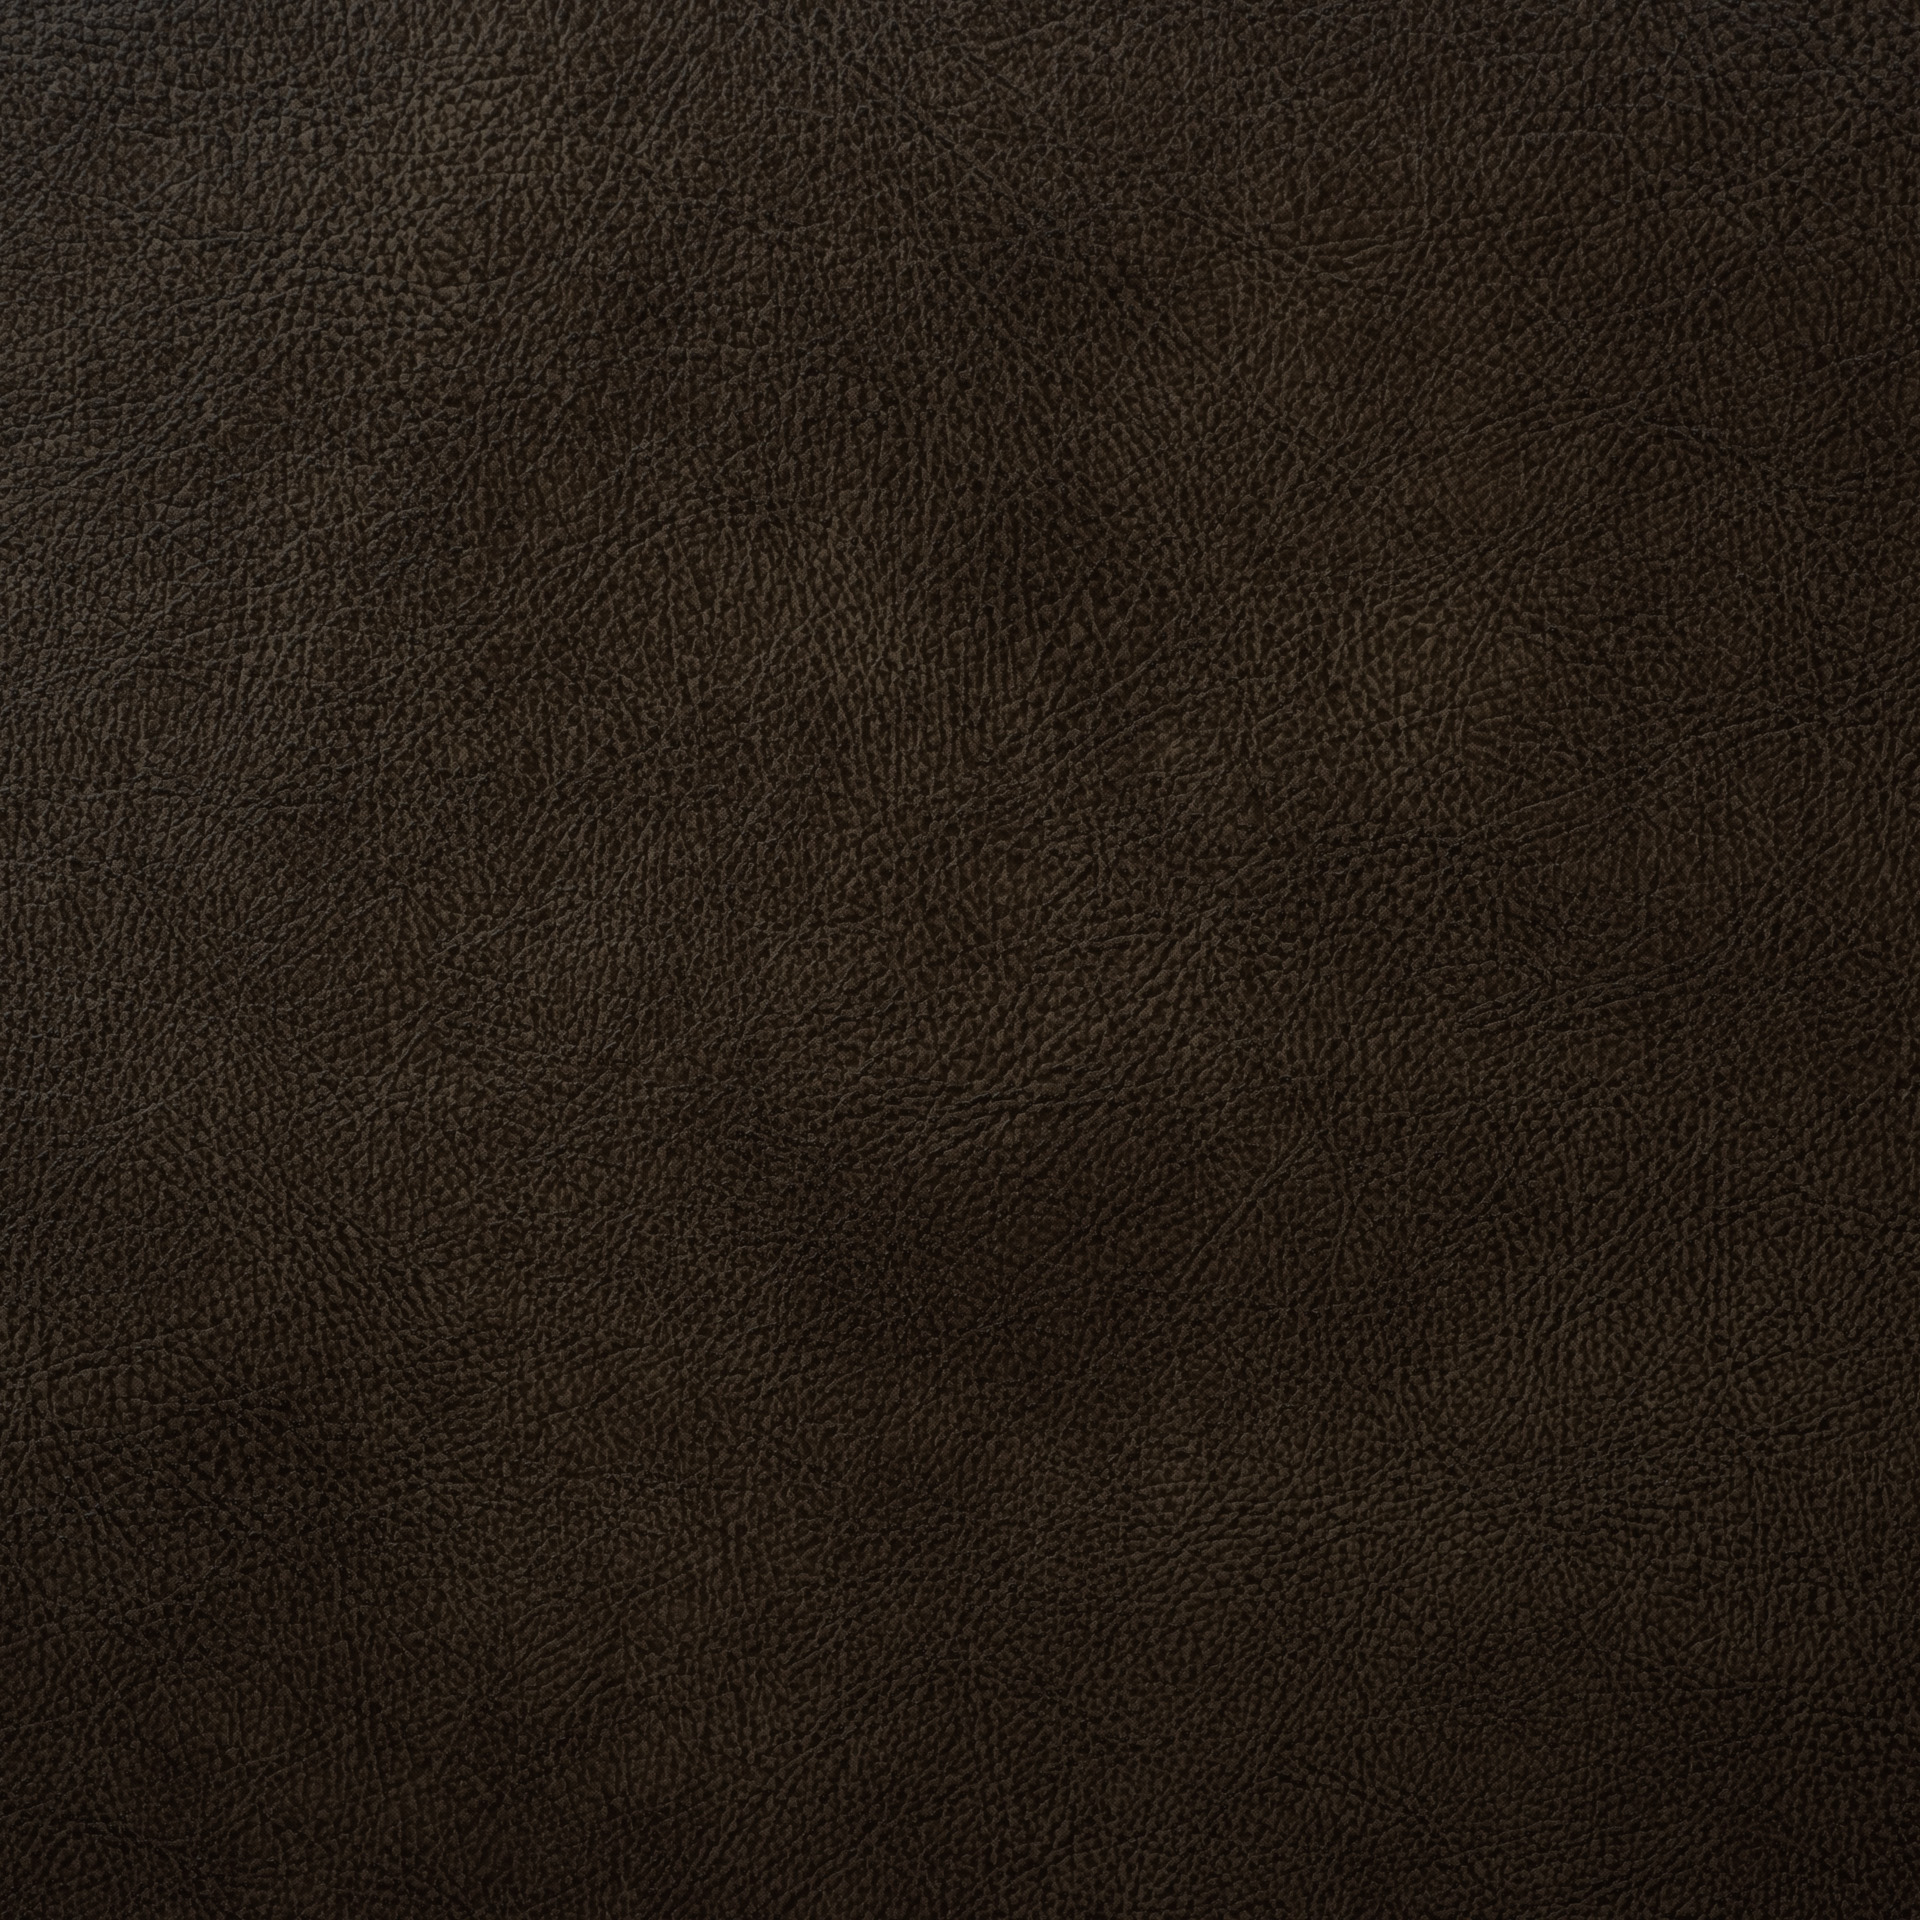 Коллекция ткани Прайм FOG,  купить ткань Кож зам для мебели Украина